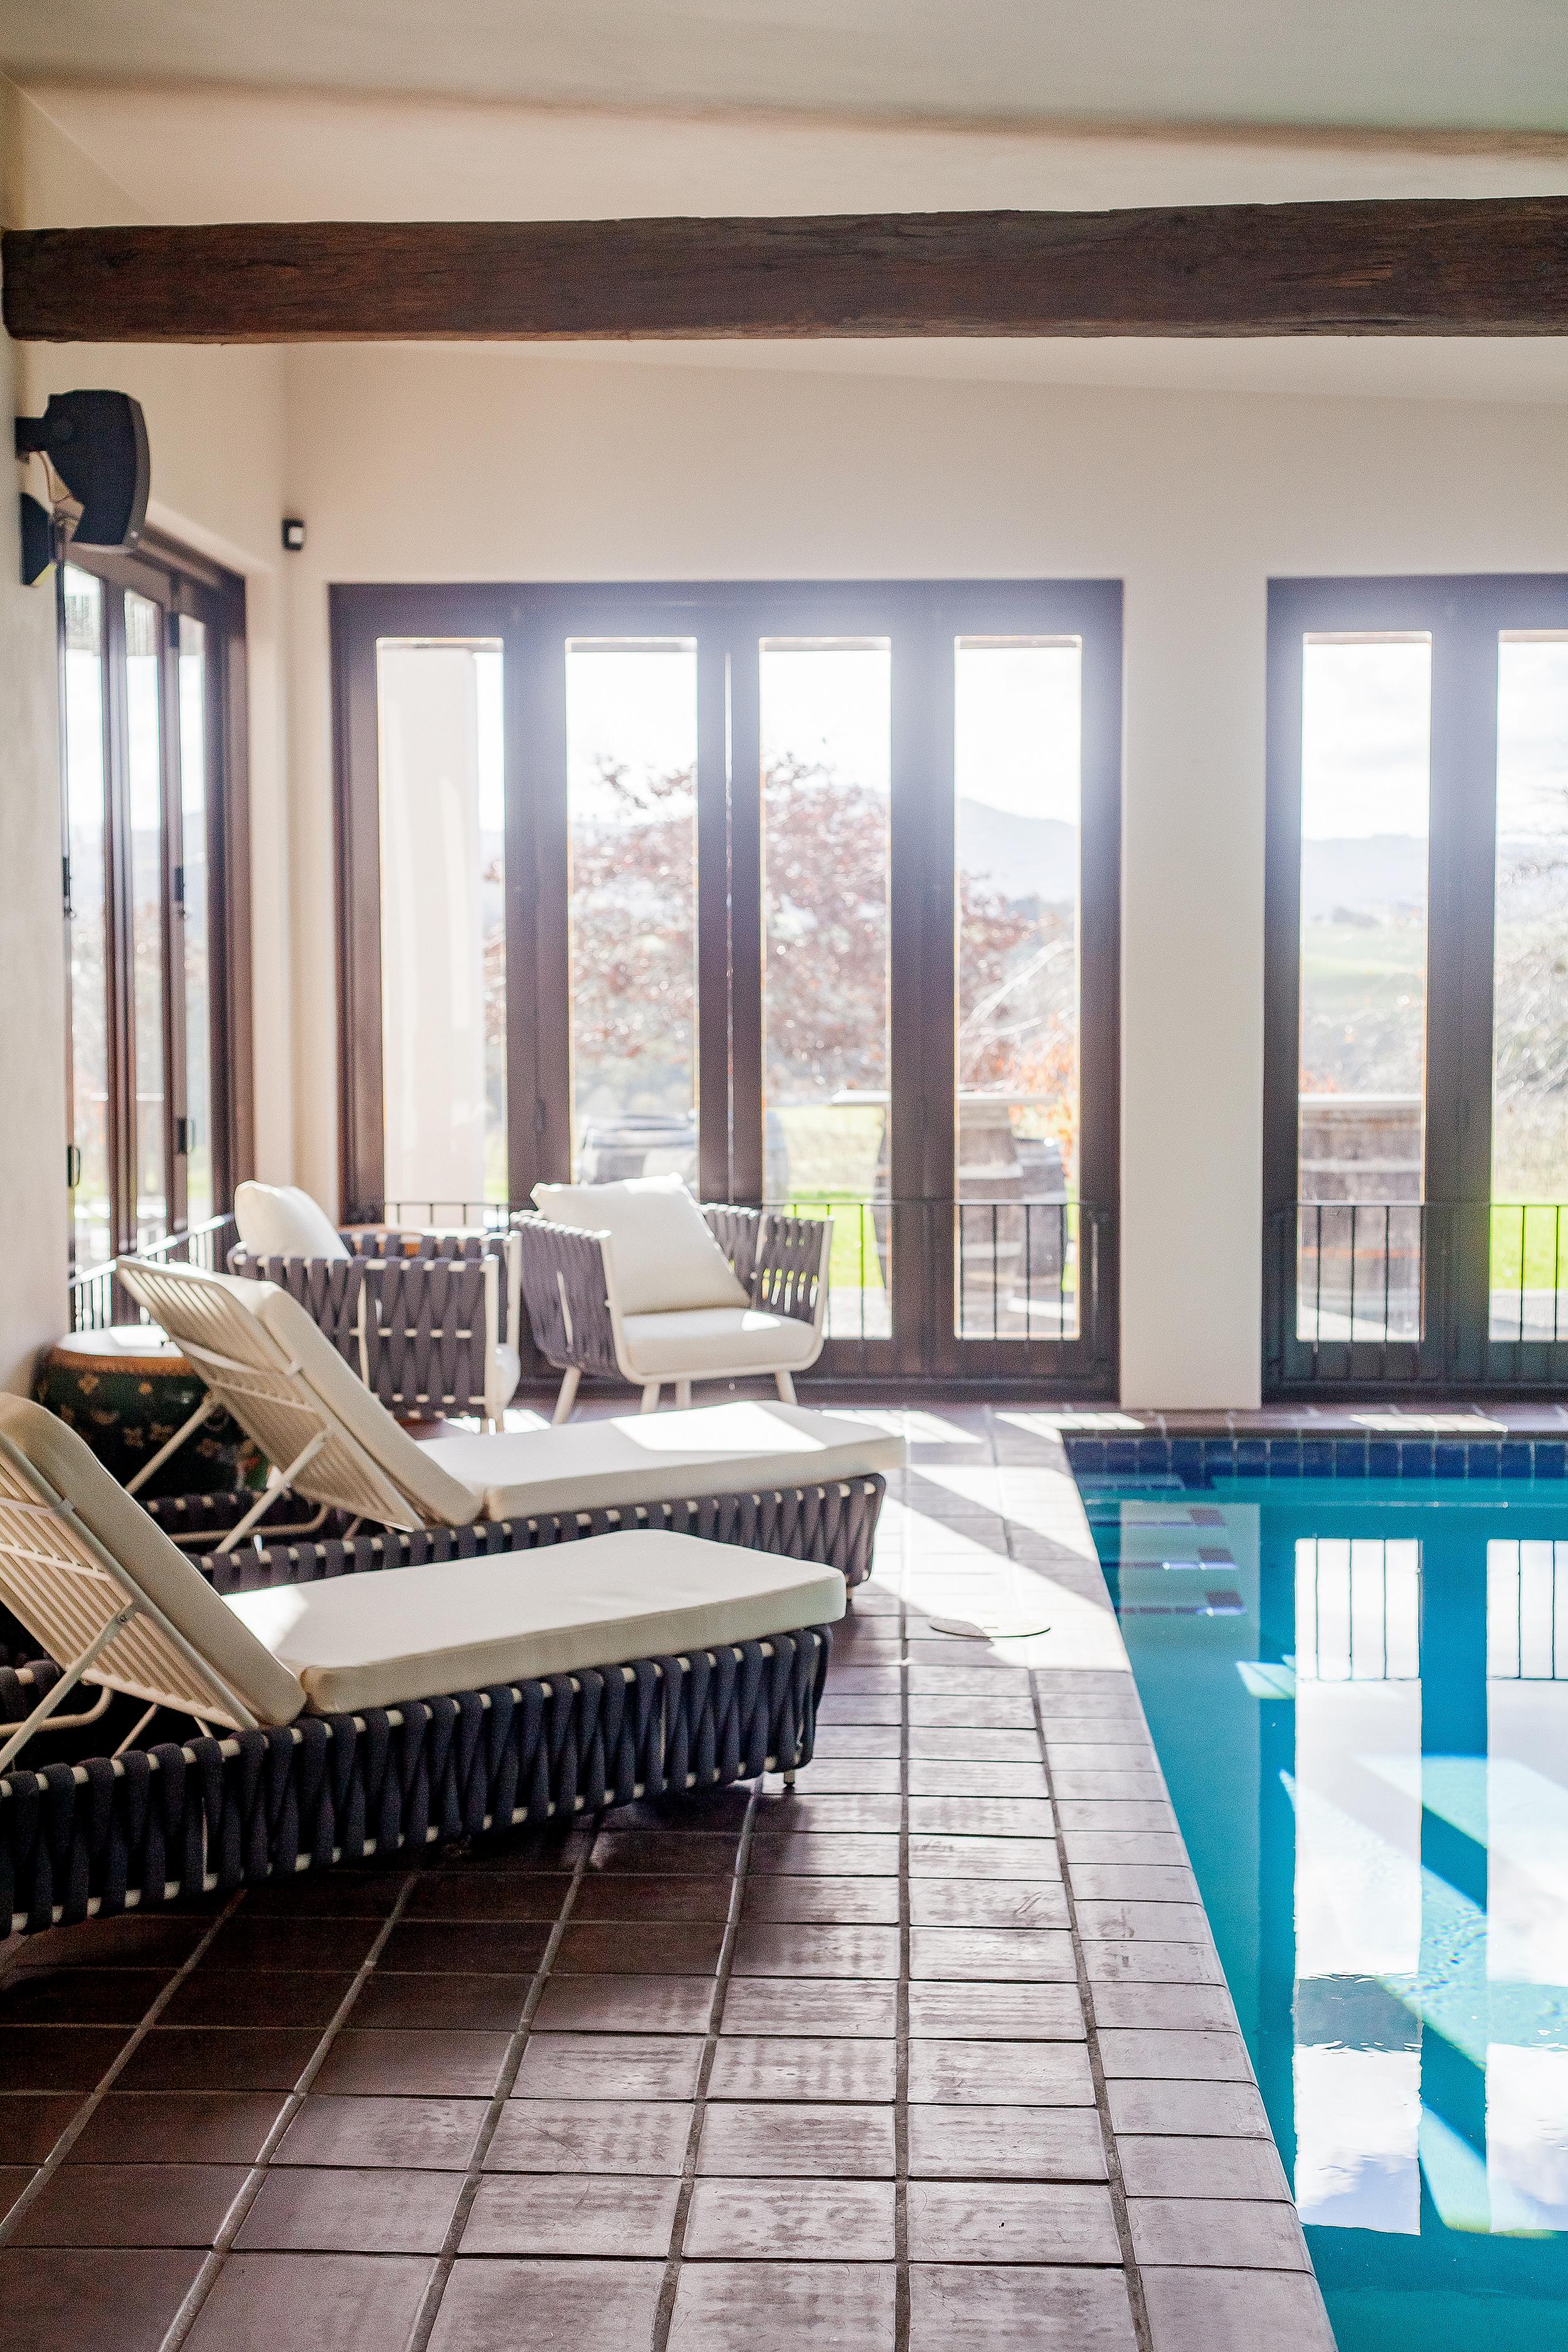 Matakana-Estate-Inside-Pool-Luxury